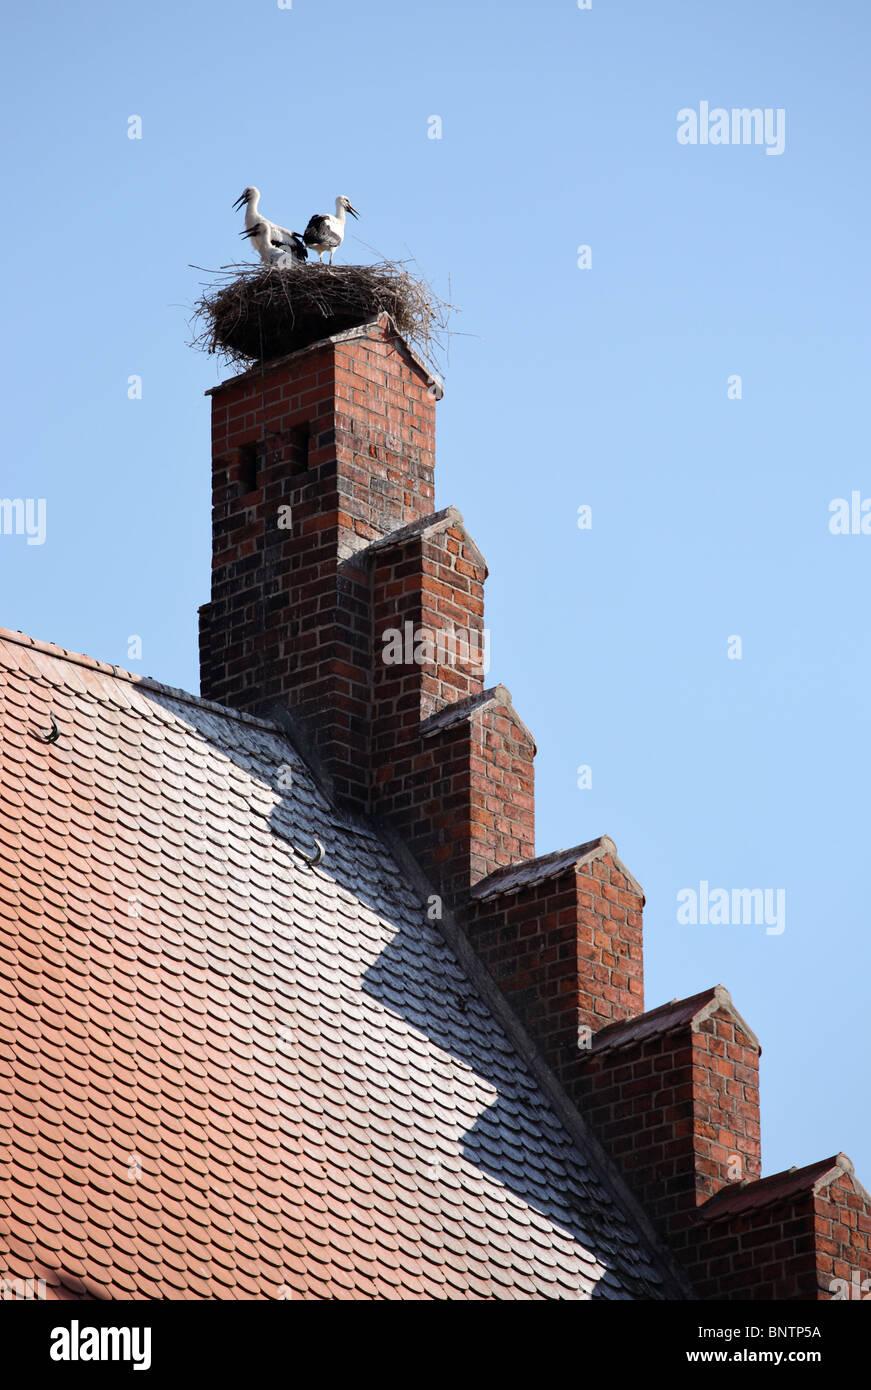 Störche nisten auf Tangermünde Rathaus oder Rathaus, Deutschland, Europa. Stockbild